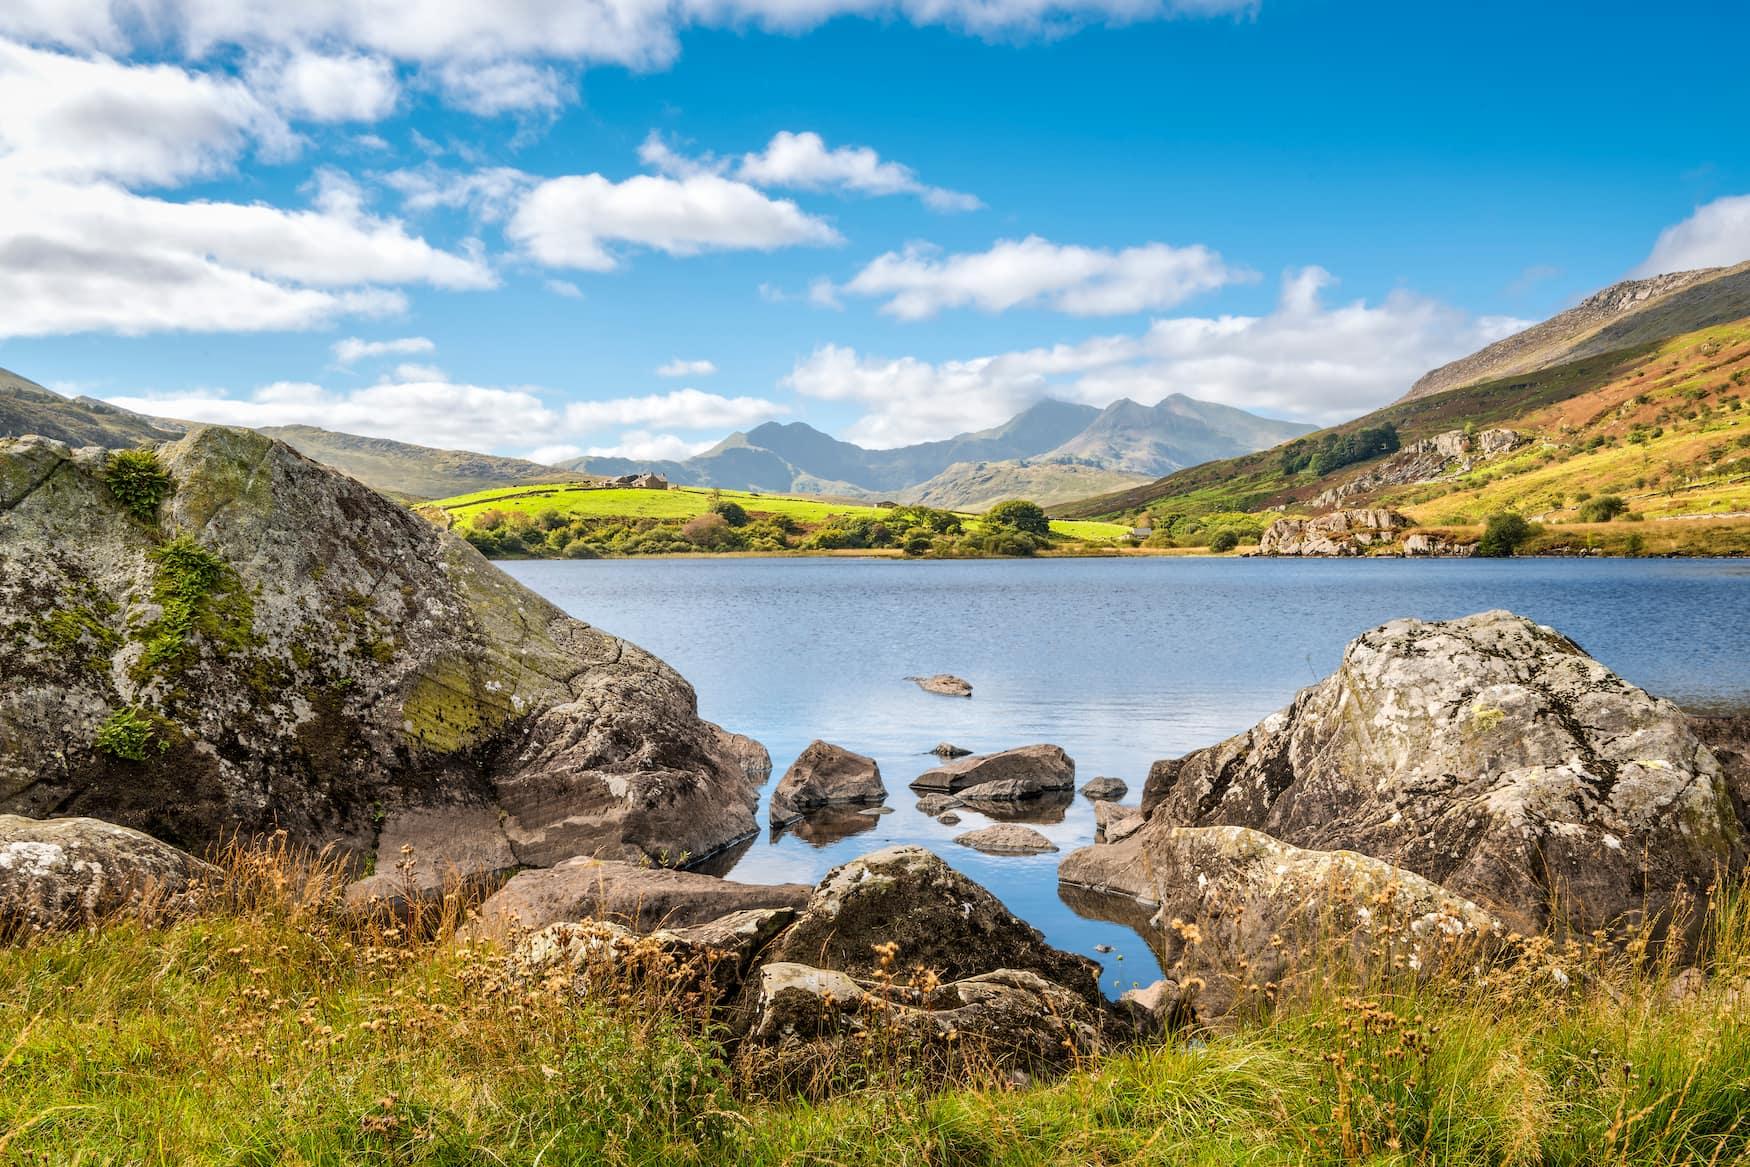 Blick auf den höchsten Berg in Wales: Snowdon